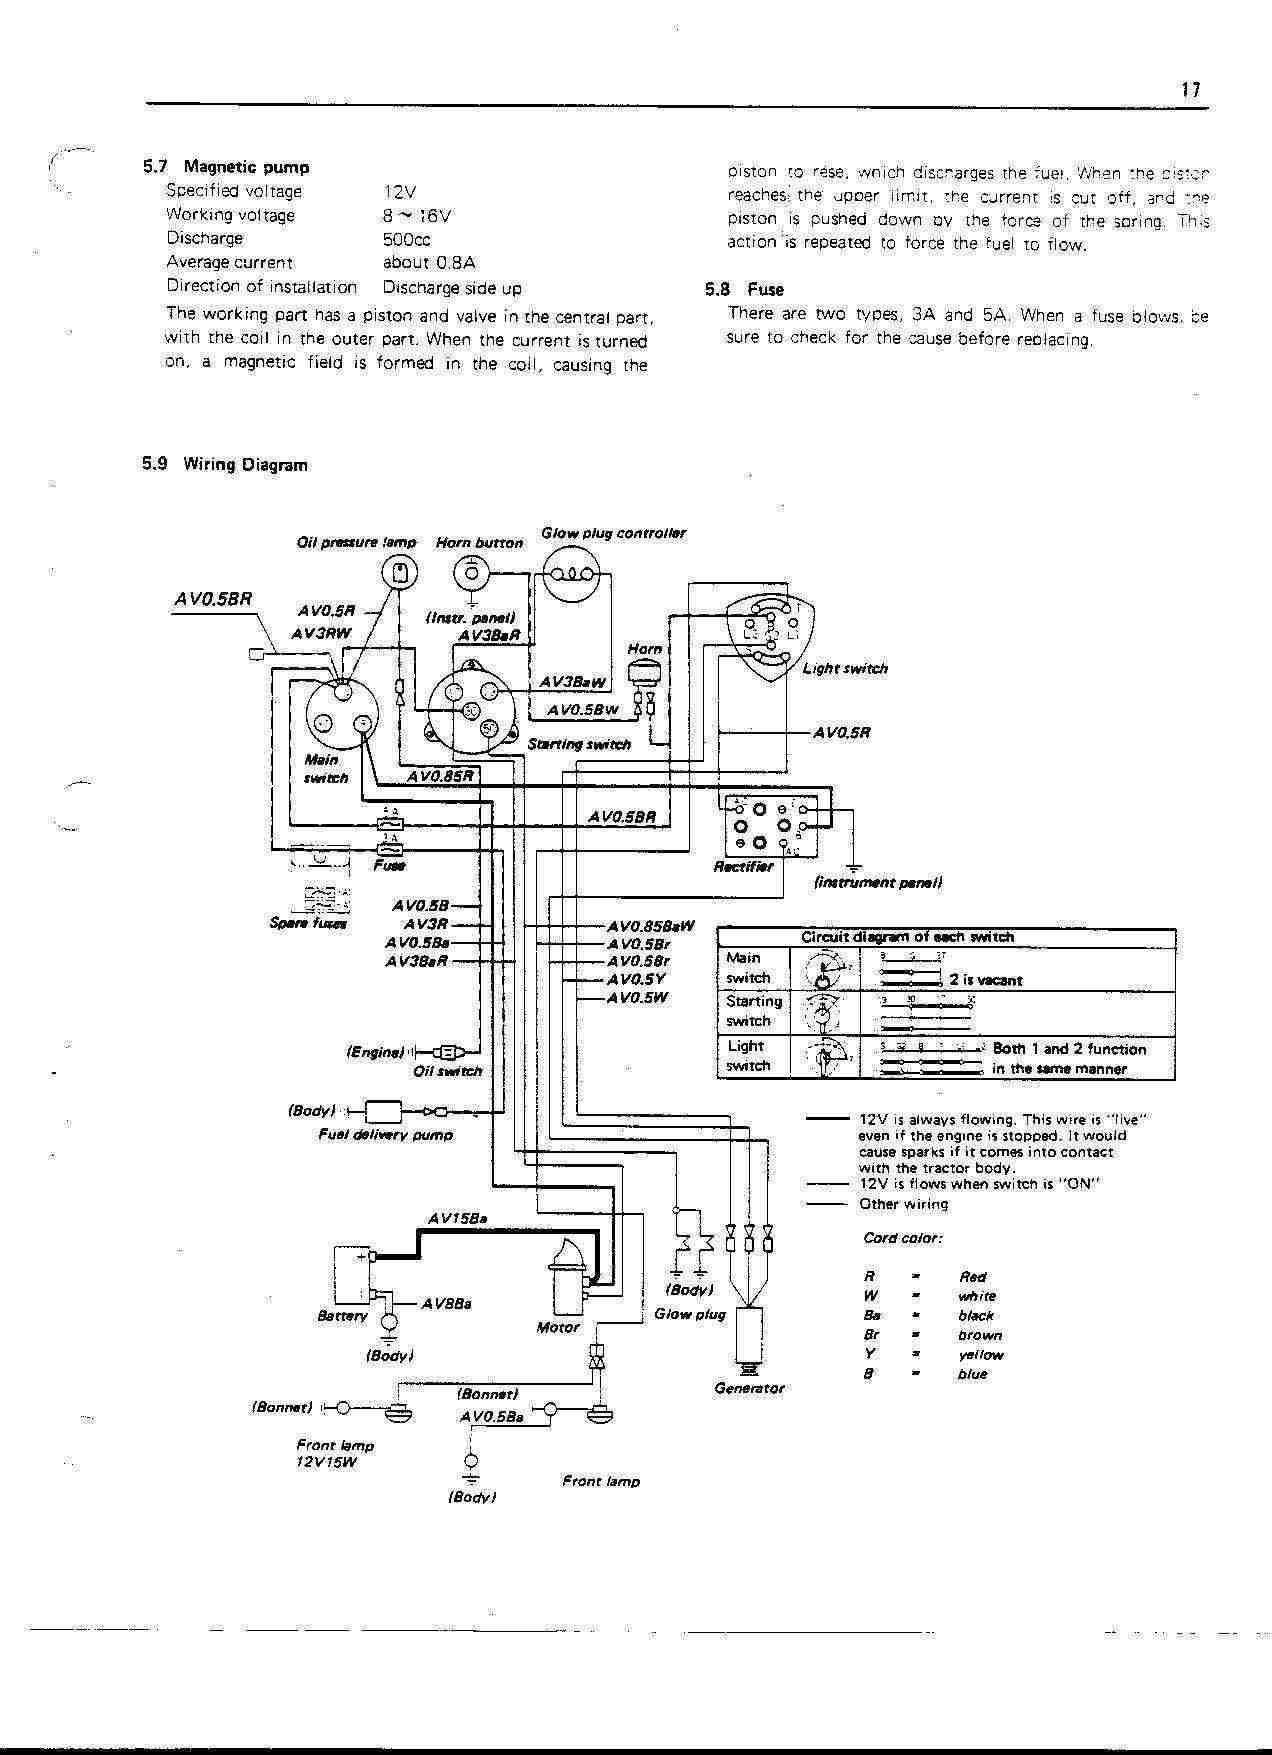 kubota b7100 wiring schematic kubota printable wiring b7300 kubota b7100 wiring diagram wire diagram 97 honda pport source